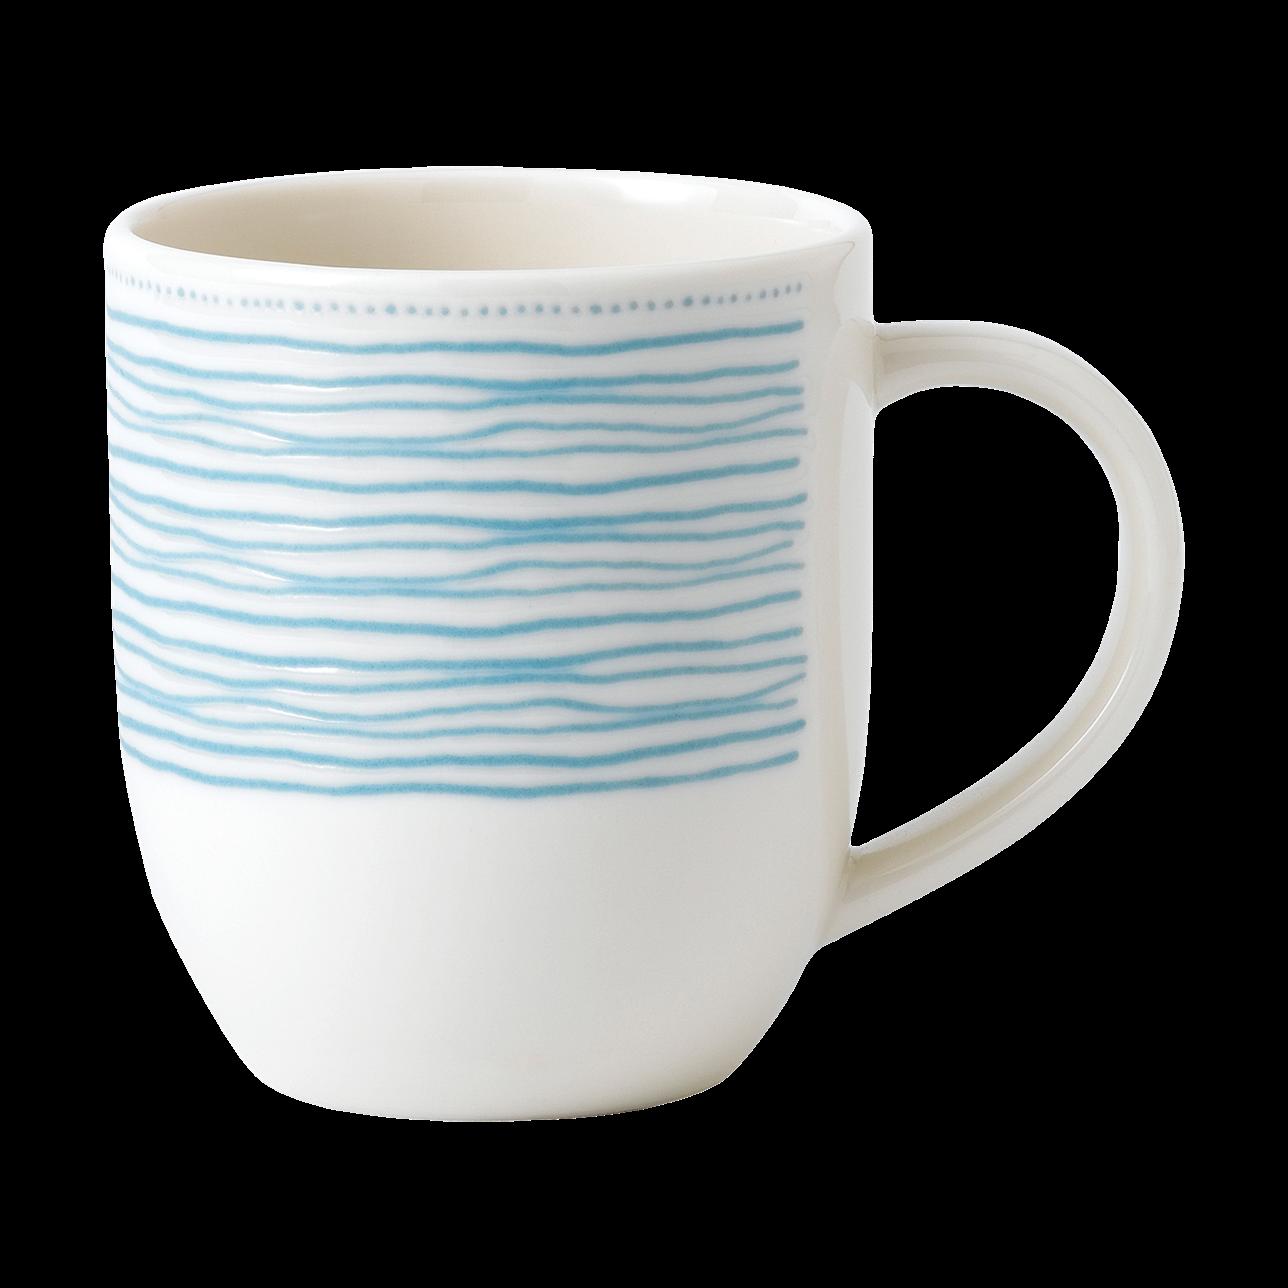 ED Polar Blue Dots Mug